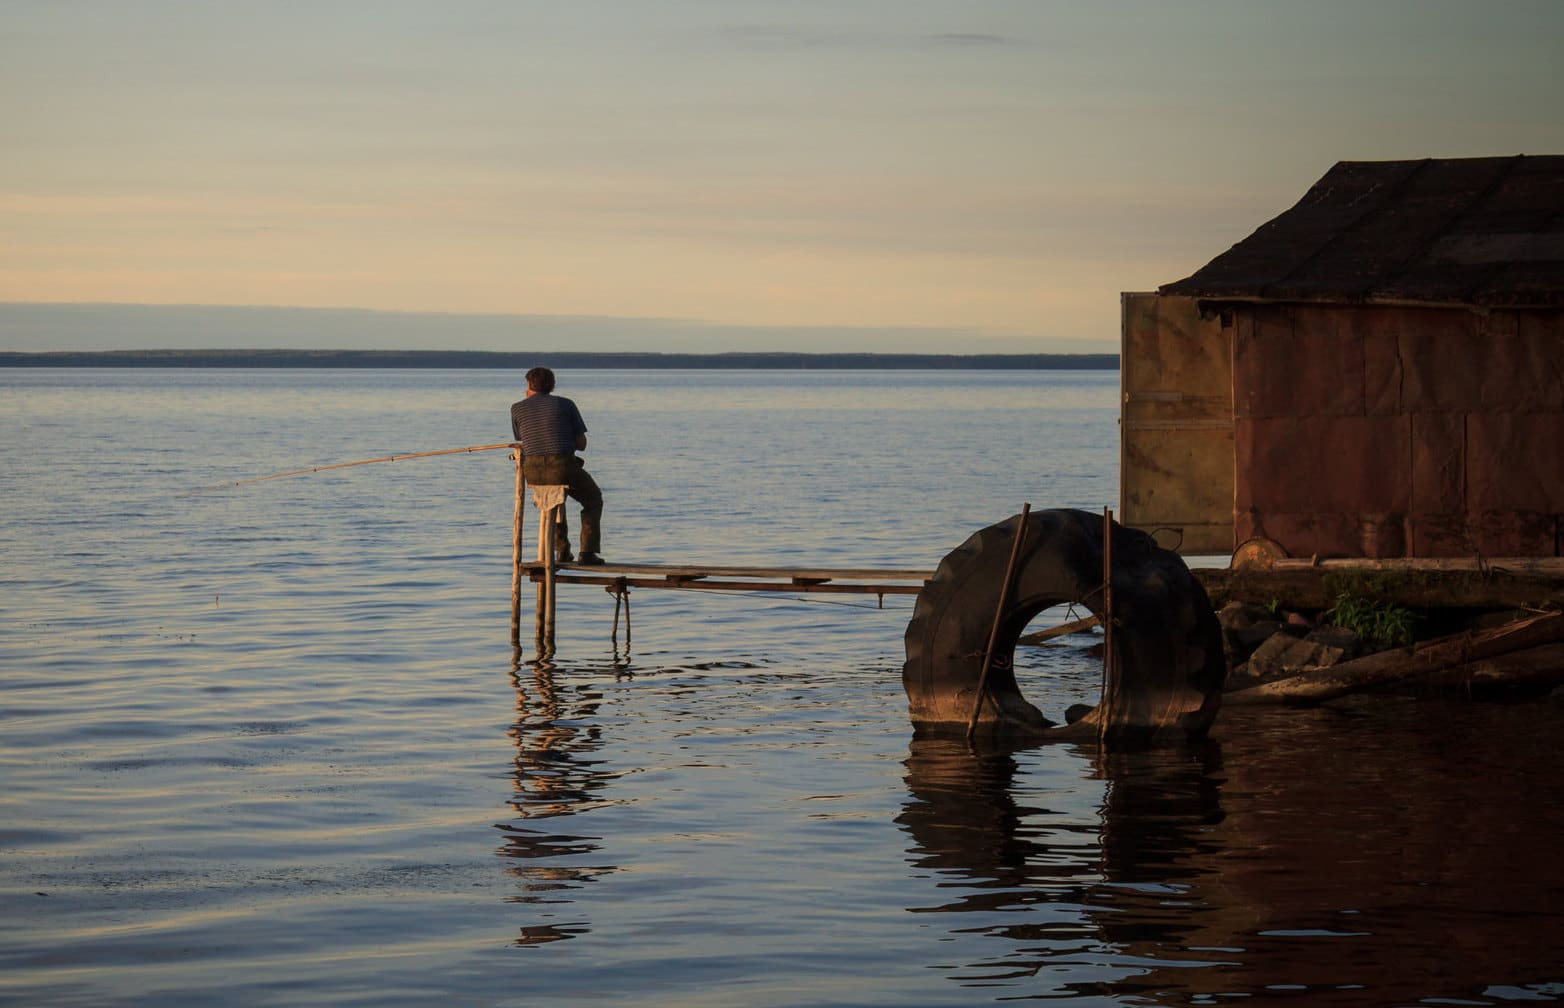 Рыбаков-любителей ждут большие ограничения с 1 января 2020 года